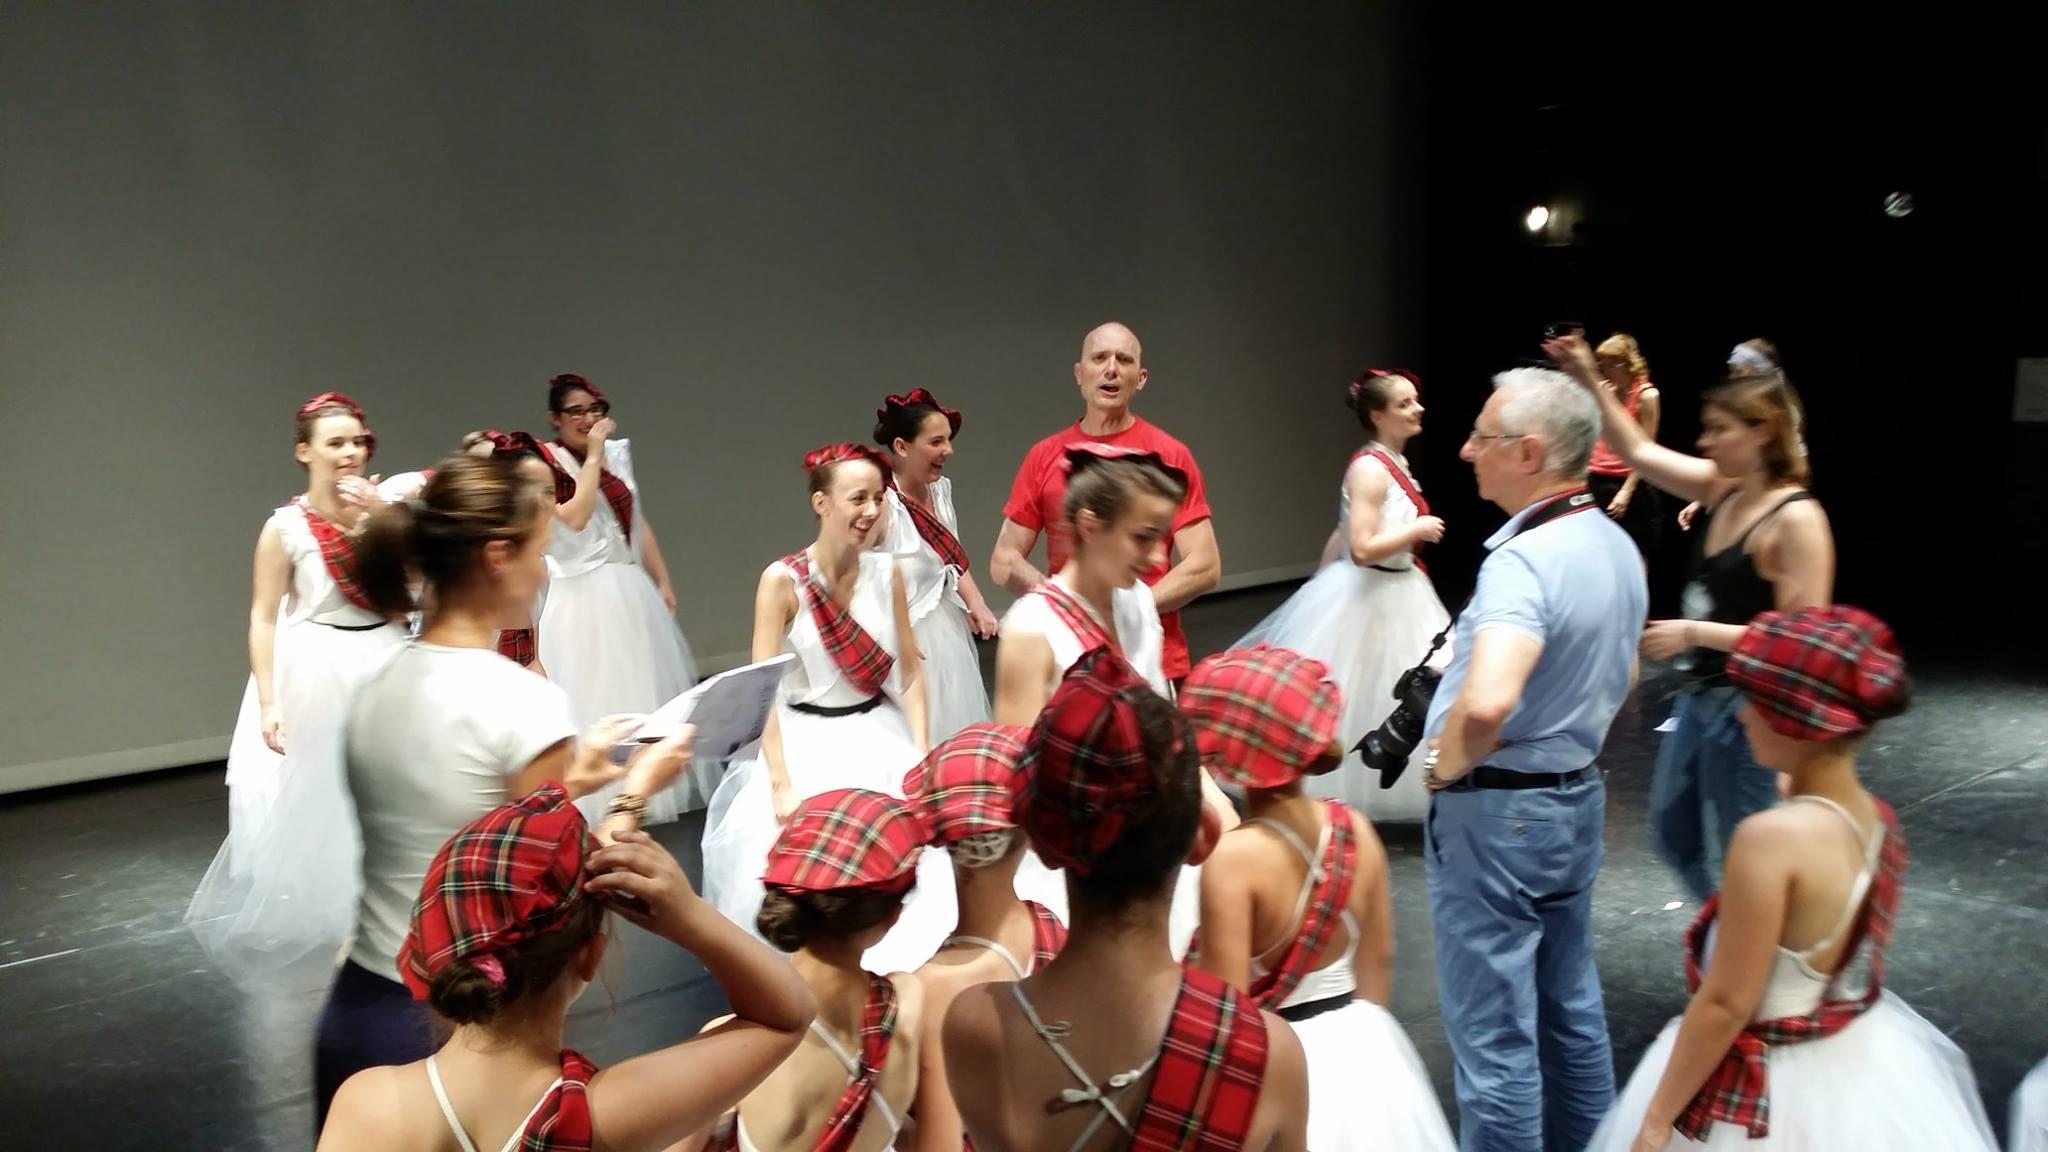 Portes ouvertes de l'école de danse du flep